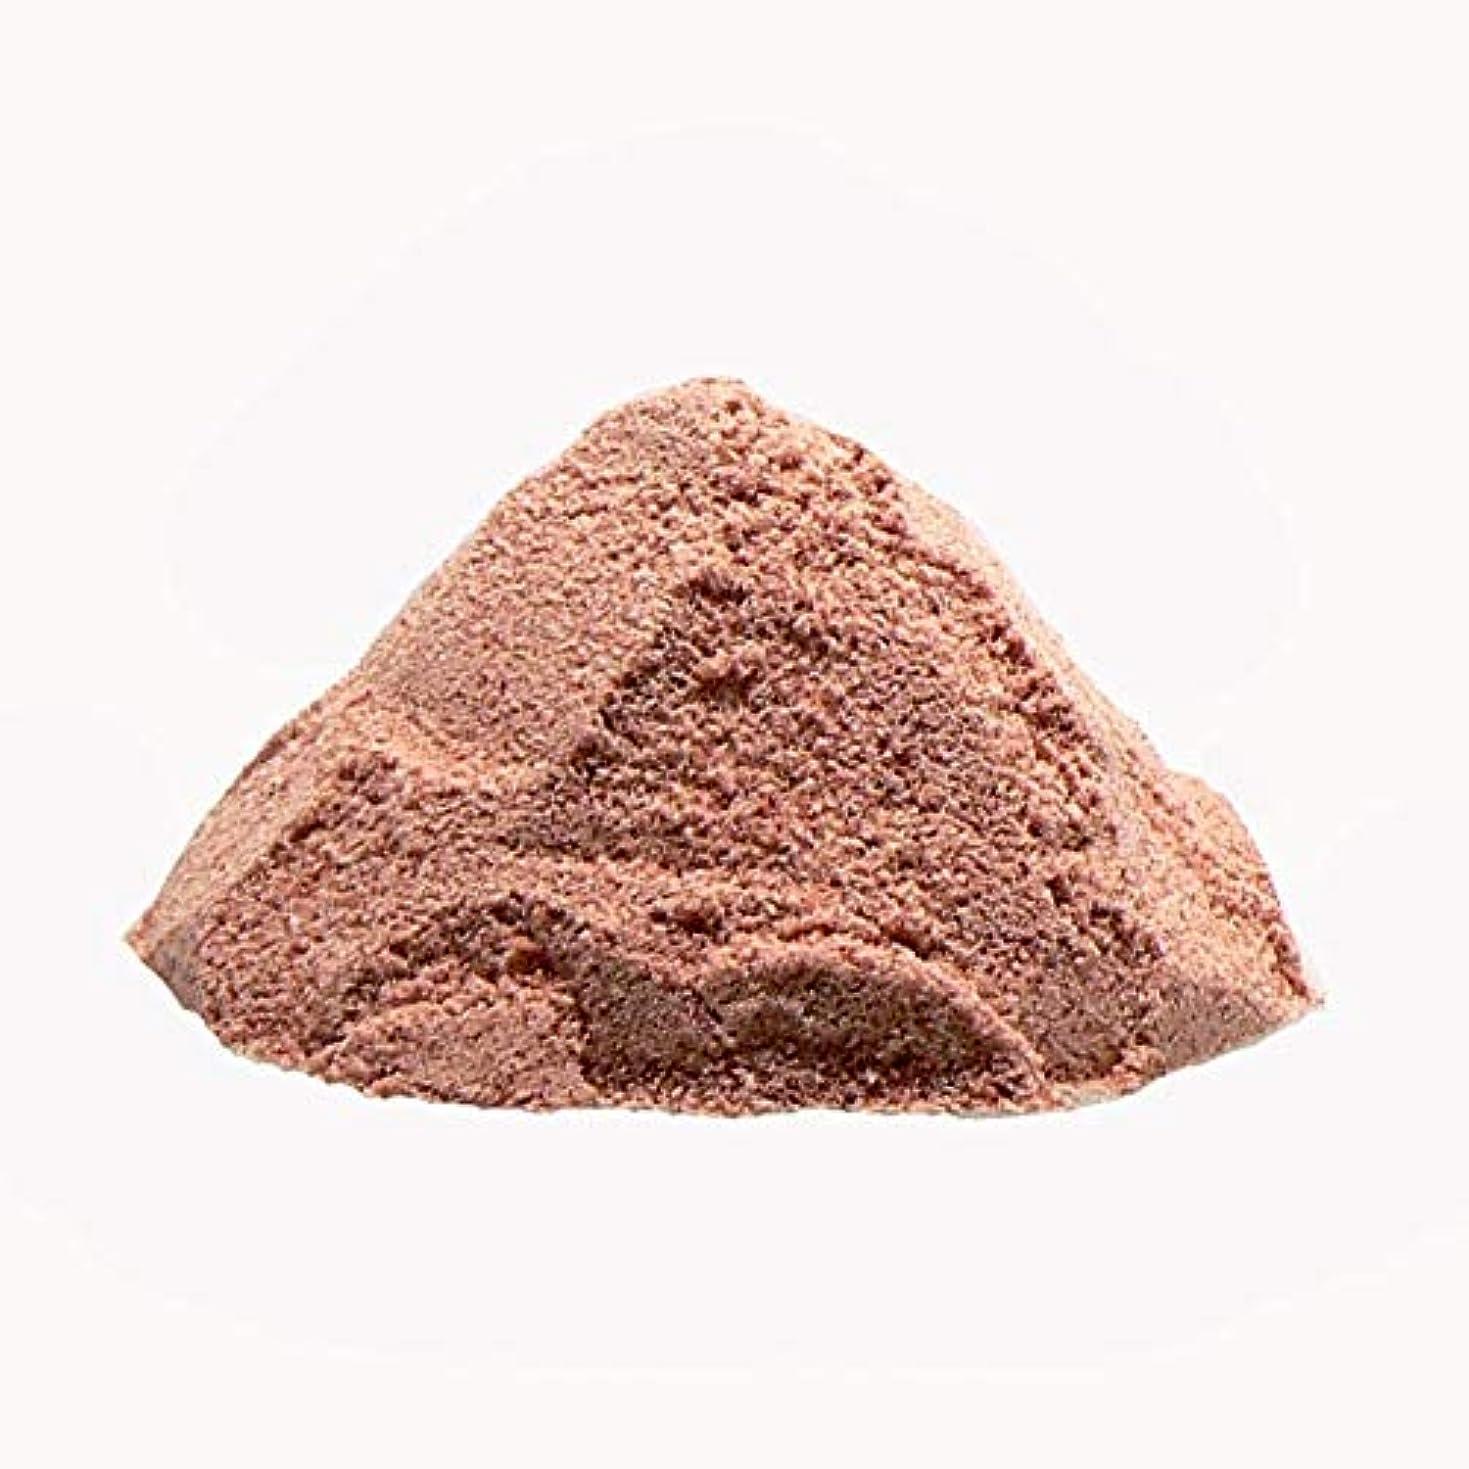 特異性最少演じるヒマラヤ岩塩 プレミアム ルビーソルト バスソルト(パウダー)ネパール産 ルビー岩塩 (600g×2個セット)